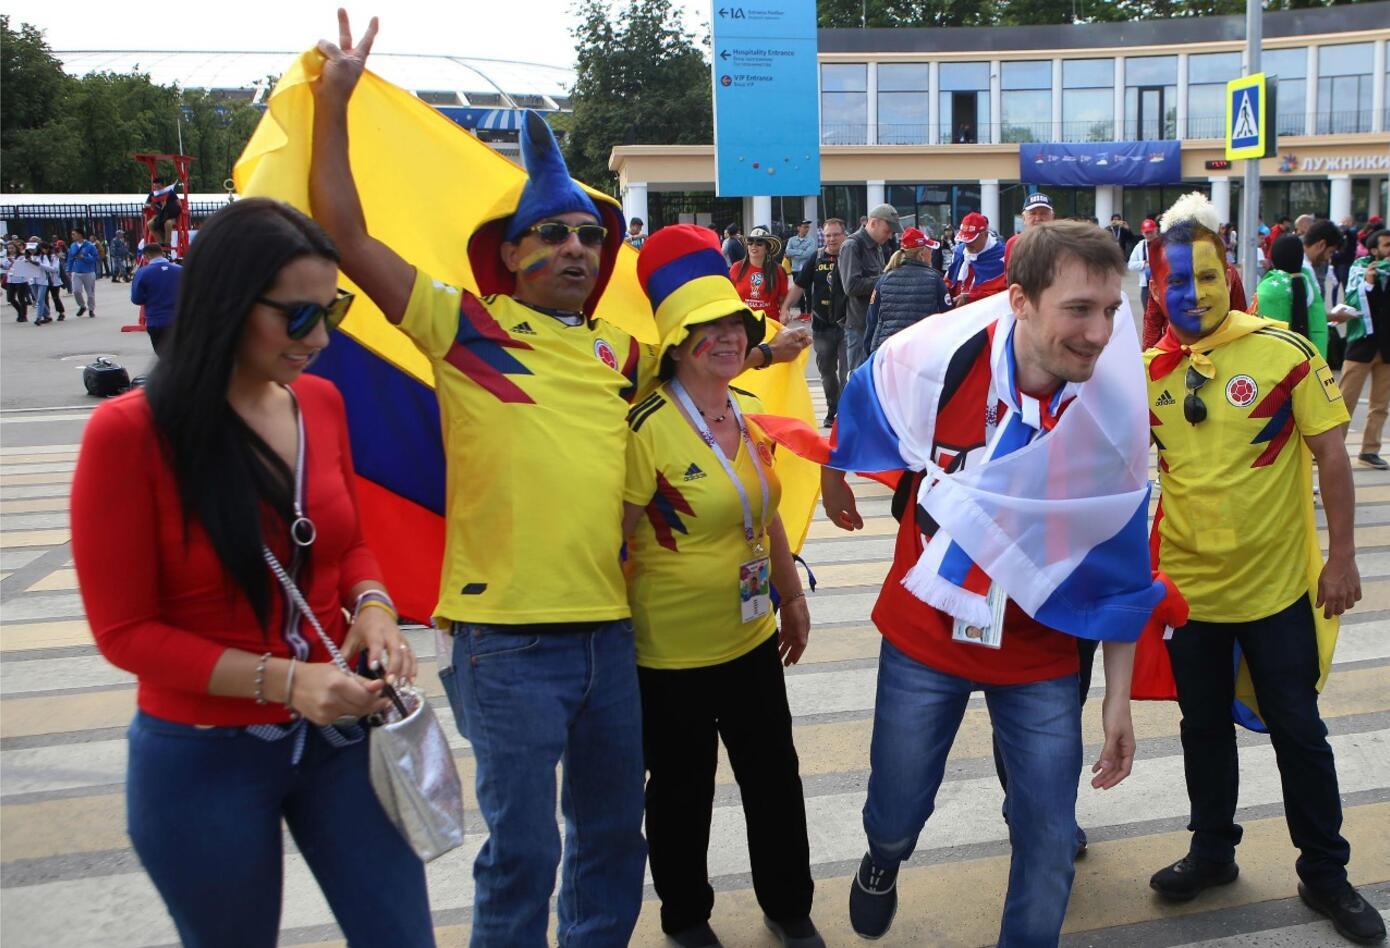 Hinchas colombianos en el estadio Luzhniki